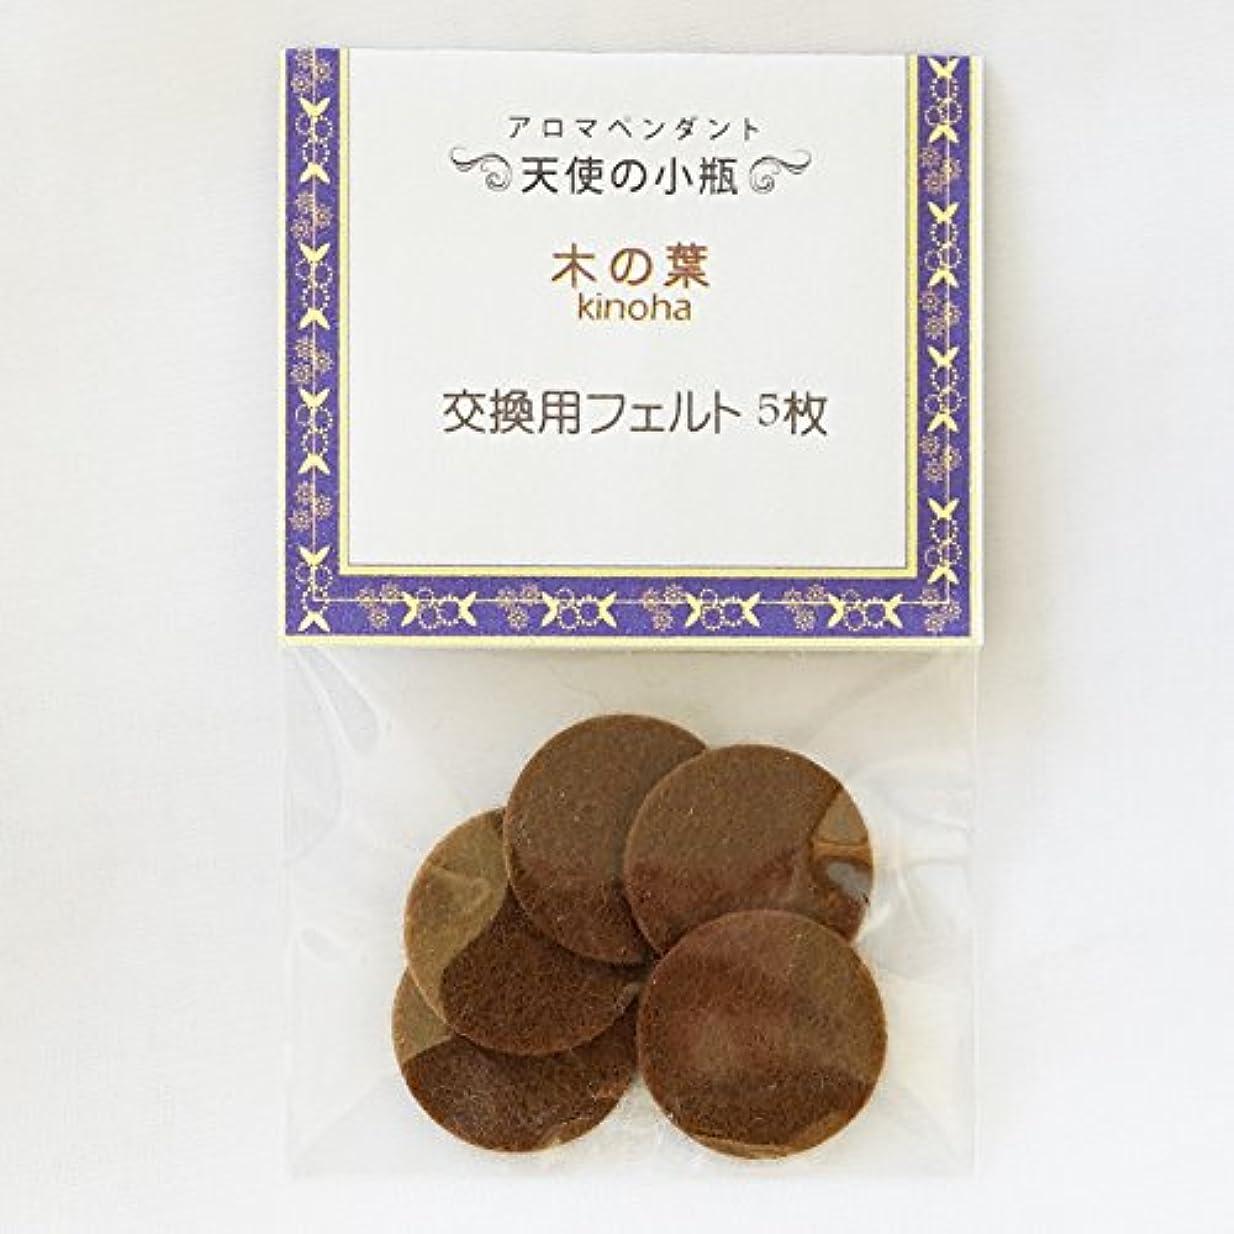 便利ホスト革新【天使の小瓶】 木の葉(アンティークゴールド)交換用フェルト5枚